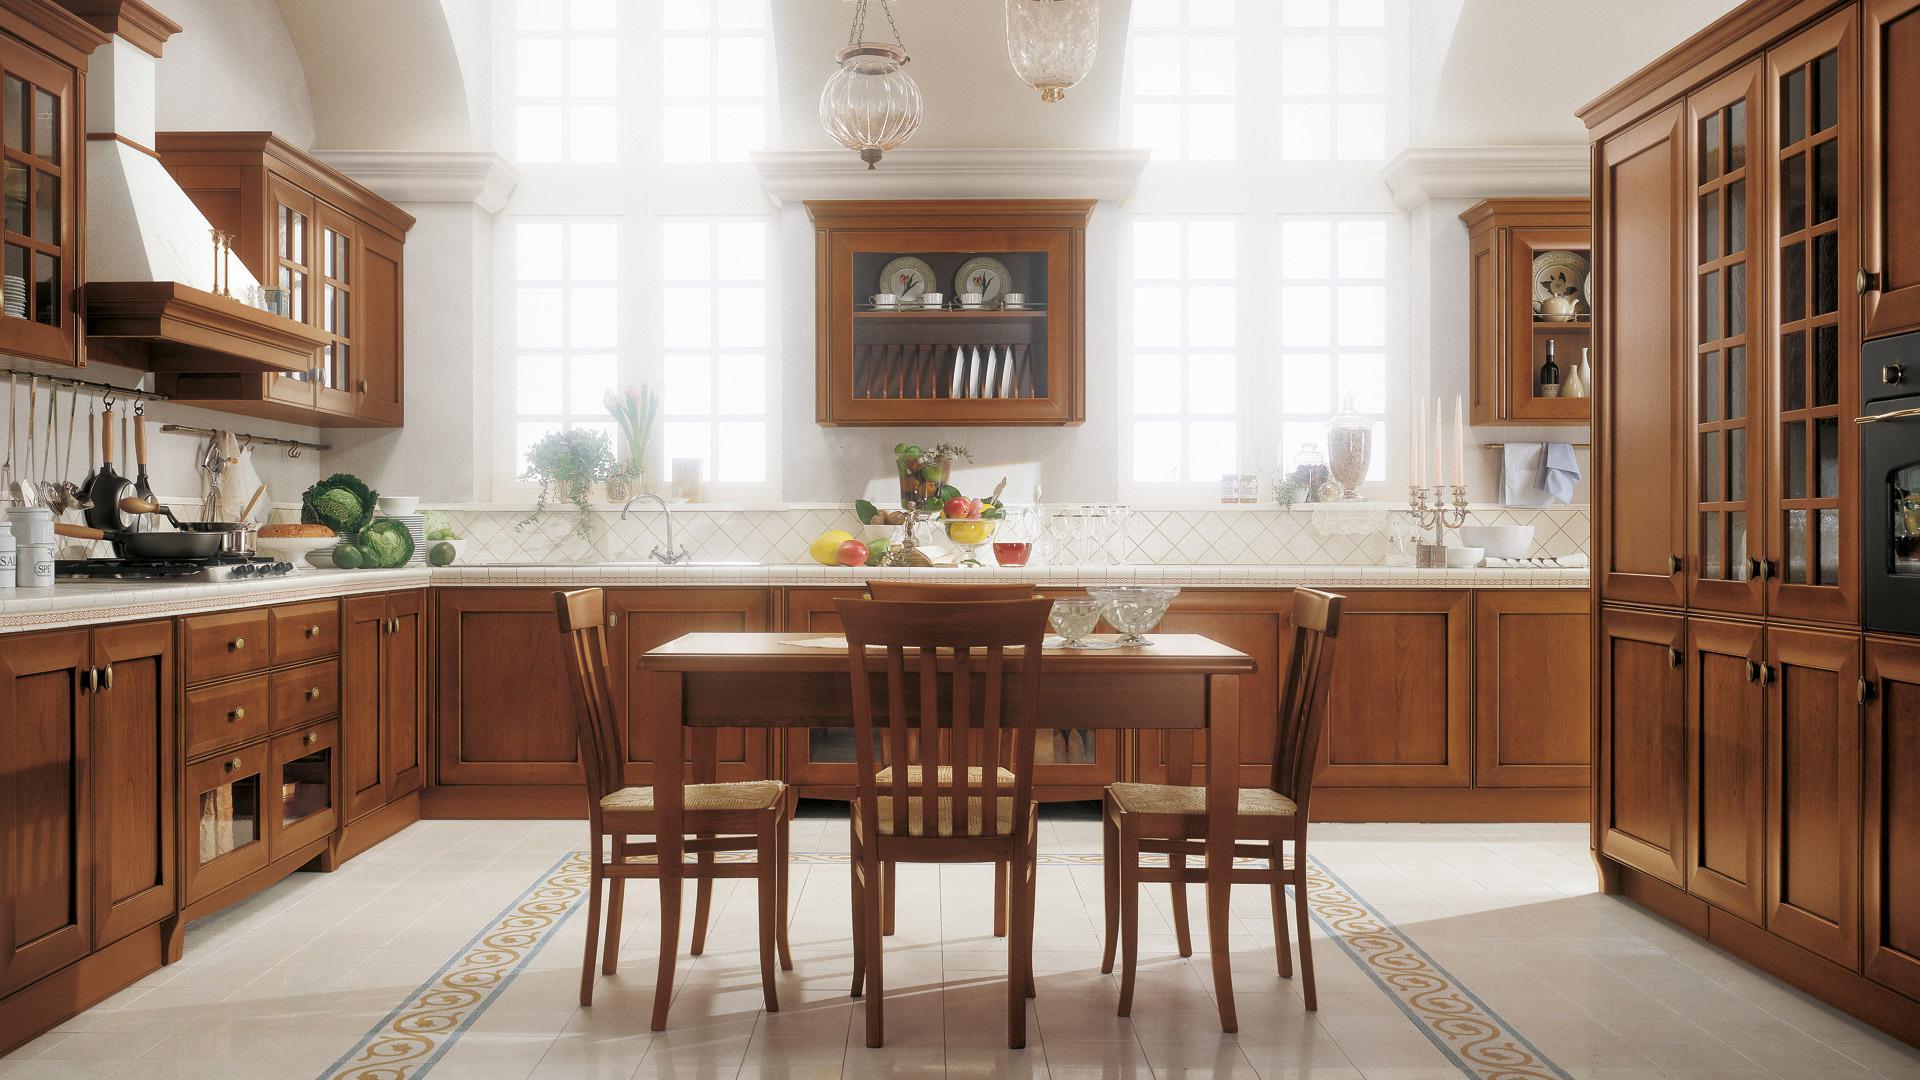 Cucine rustiche mondo convenienza ~ avienix.com for .